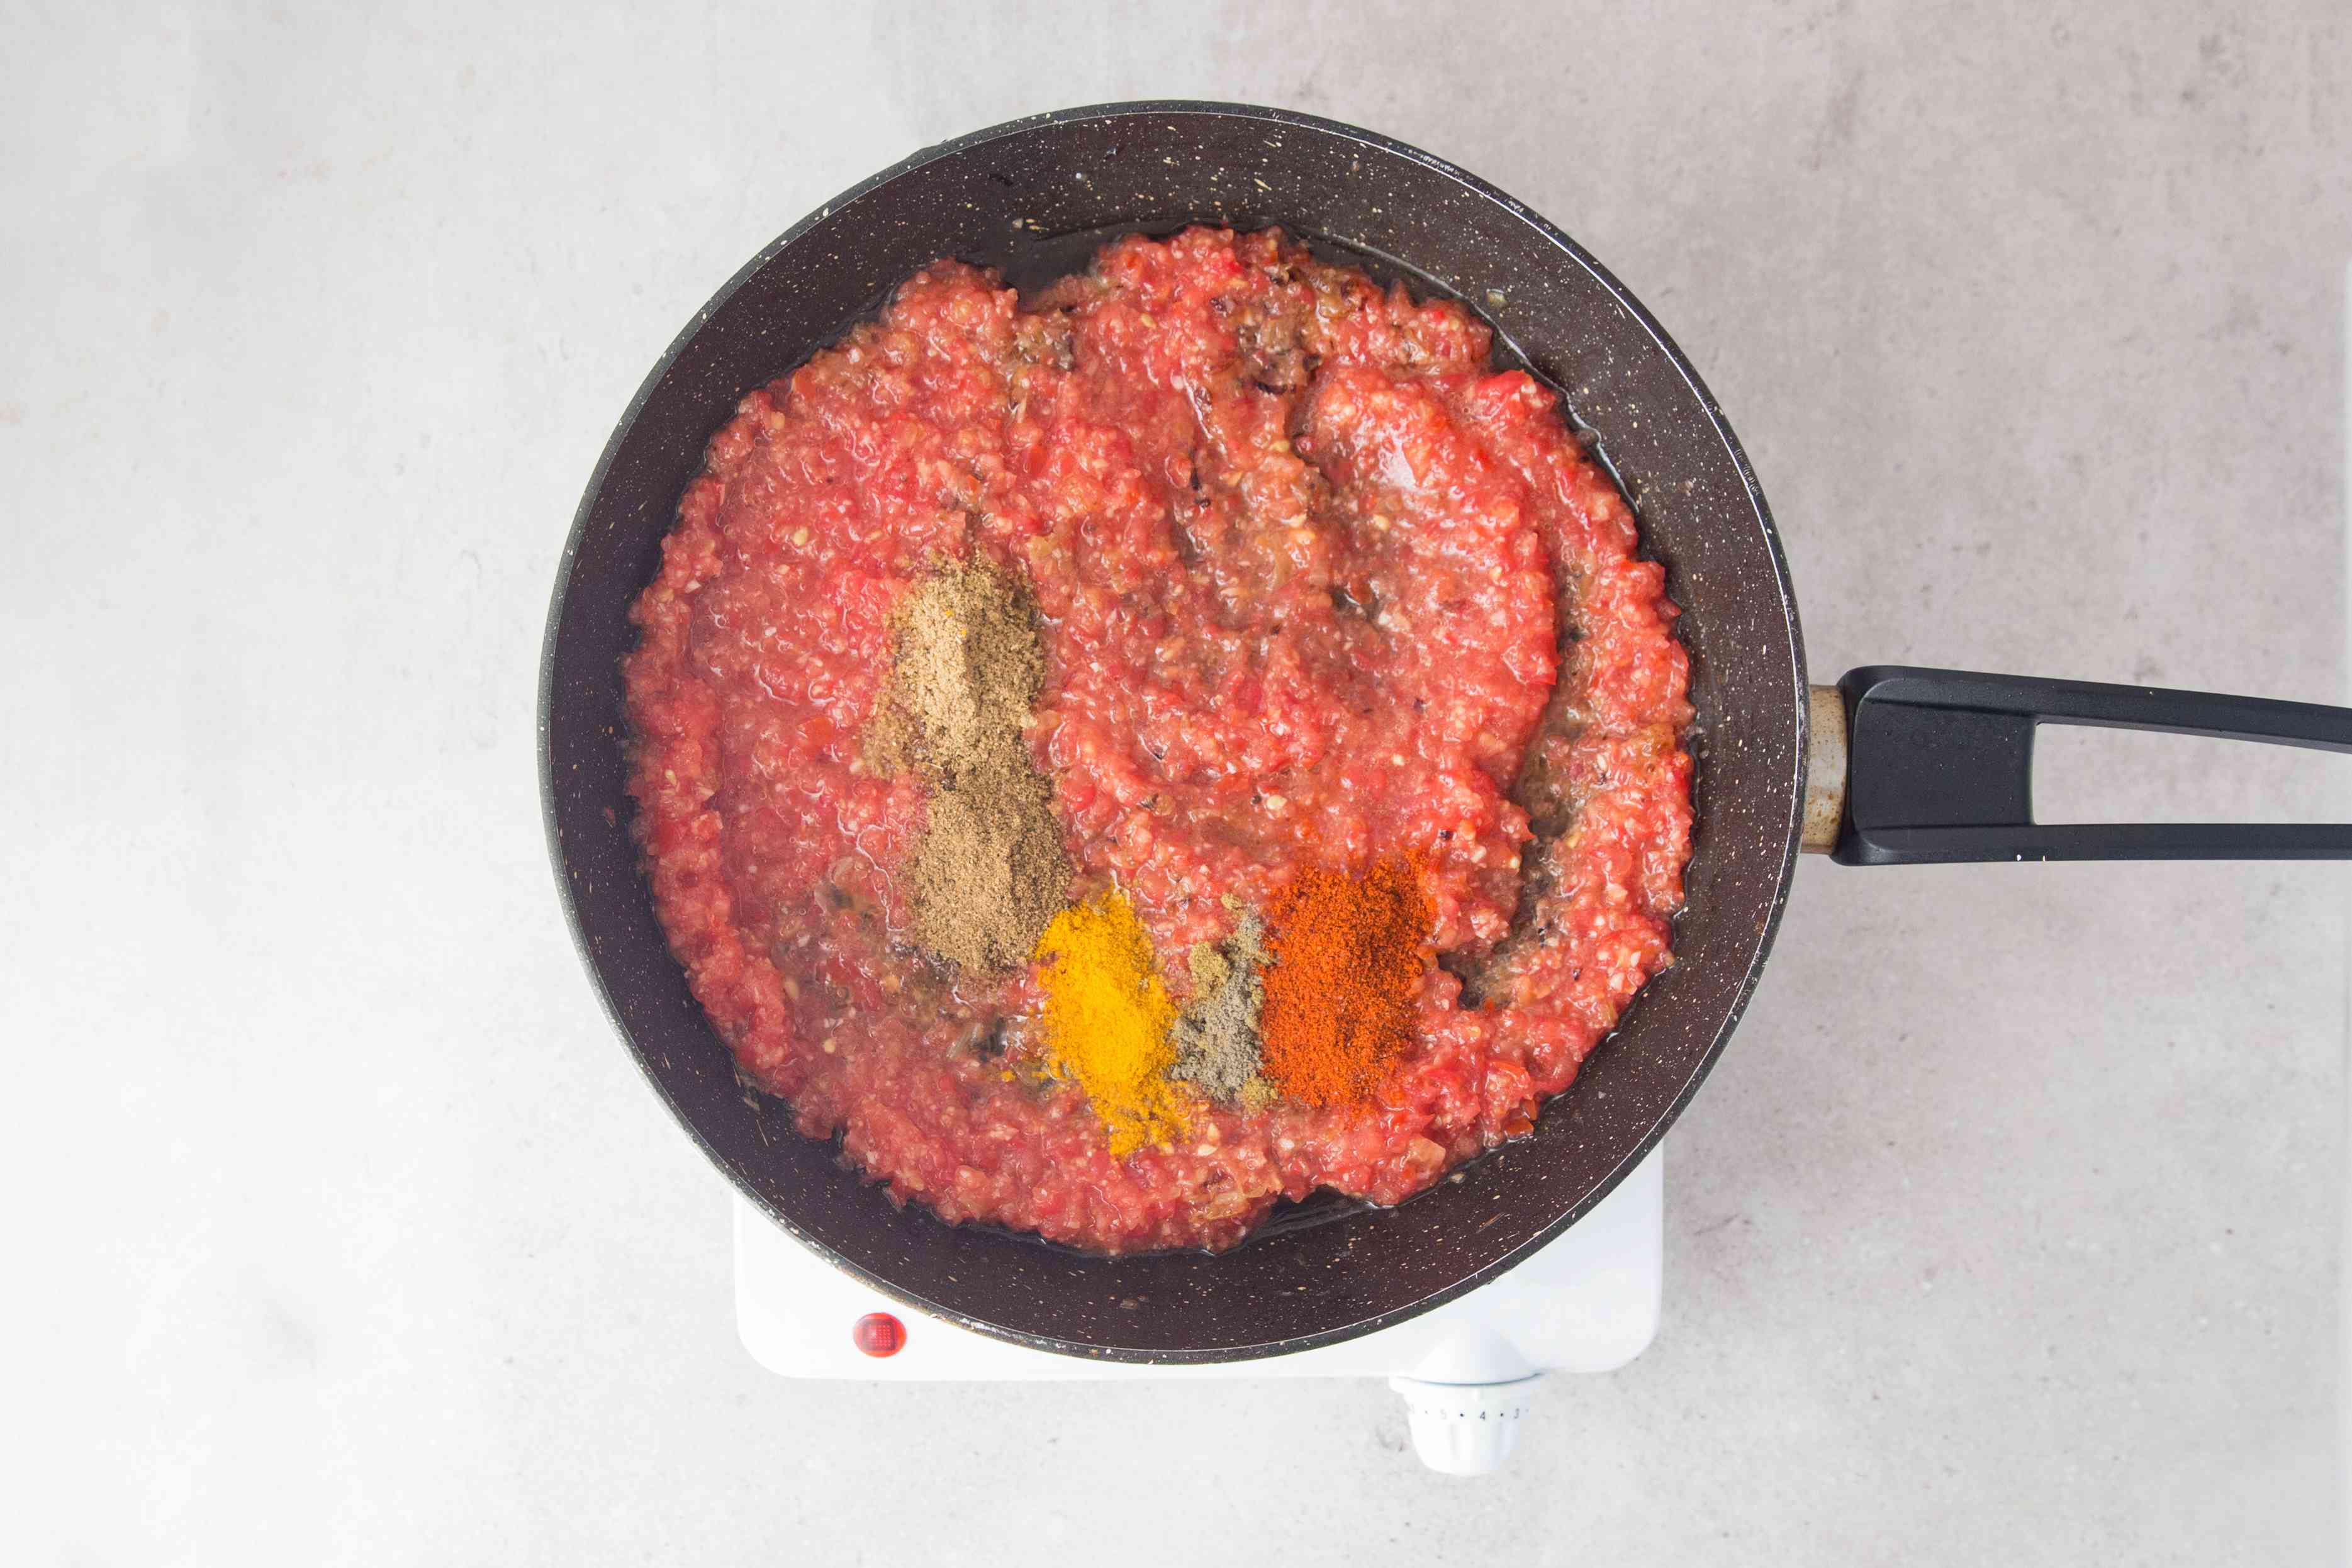 Add tomato mixture, coriander, cumin, turmeric, red chili powder, and garam masala